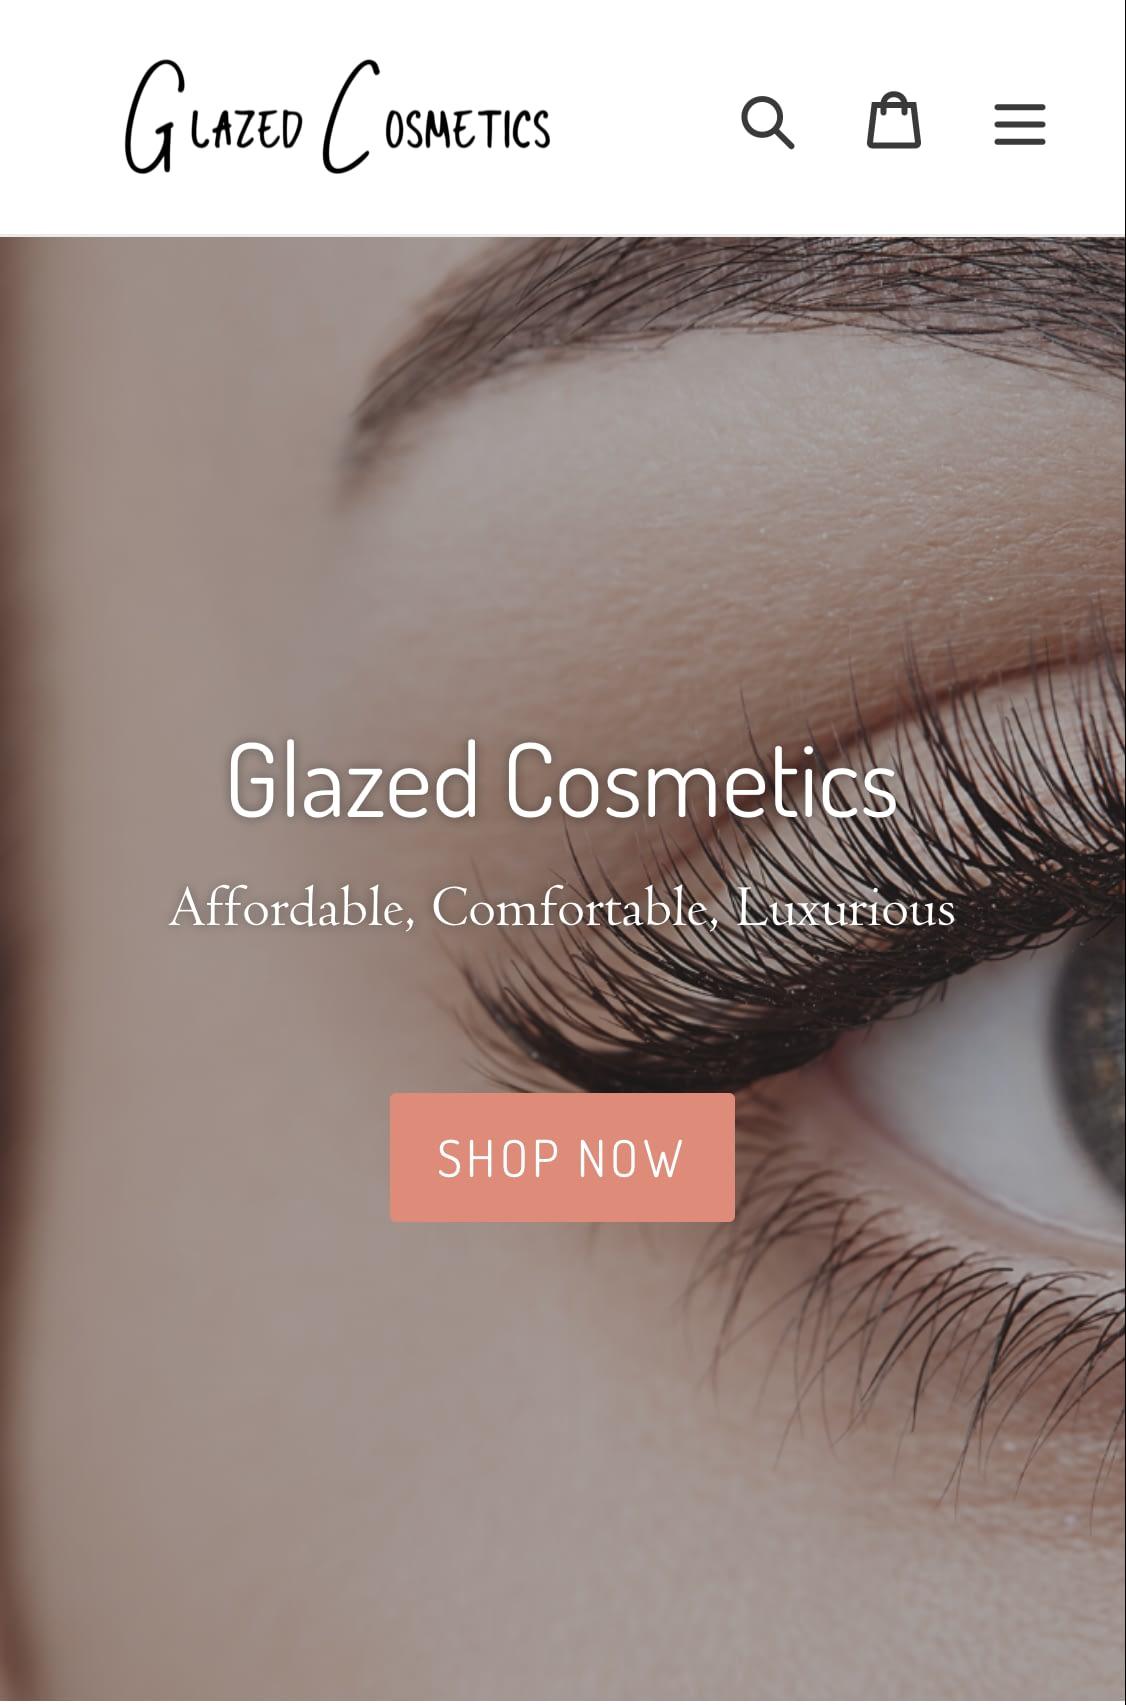 Glazed Cosmetics